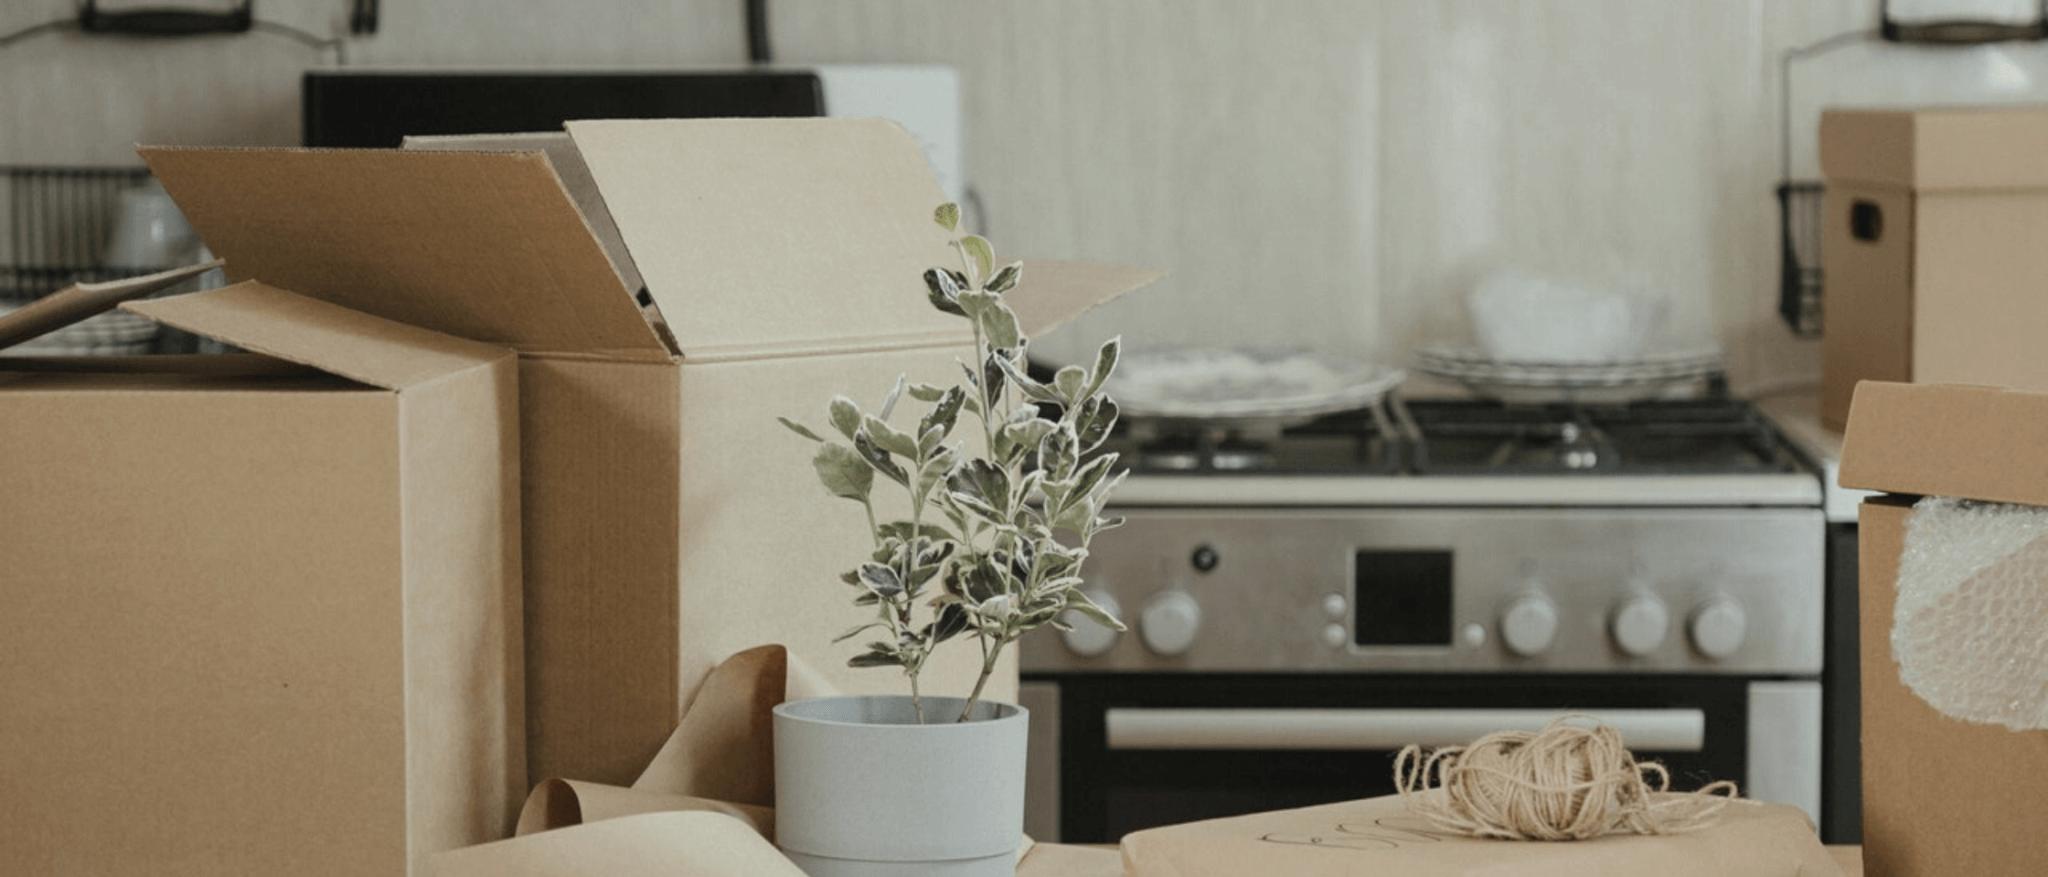 déménagement dans un logement